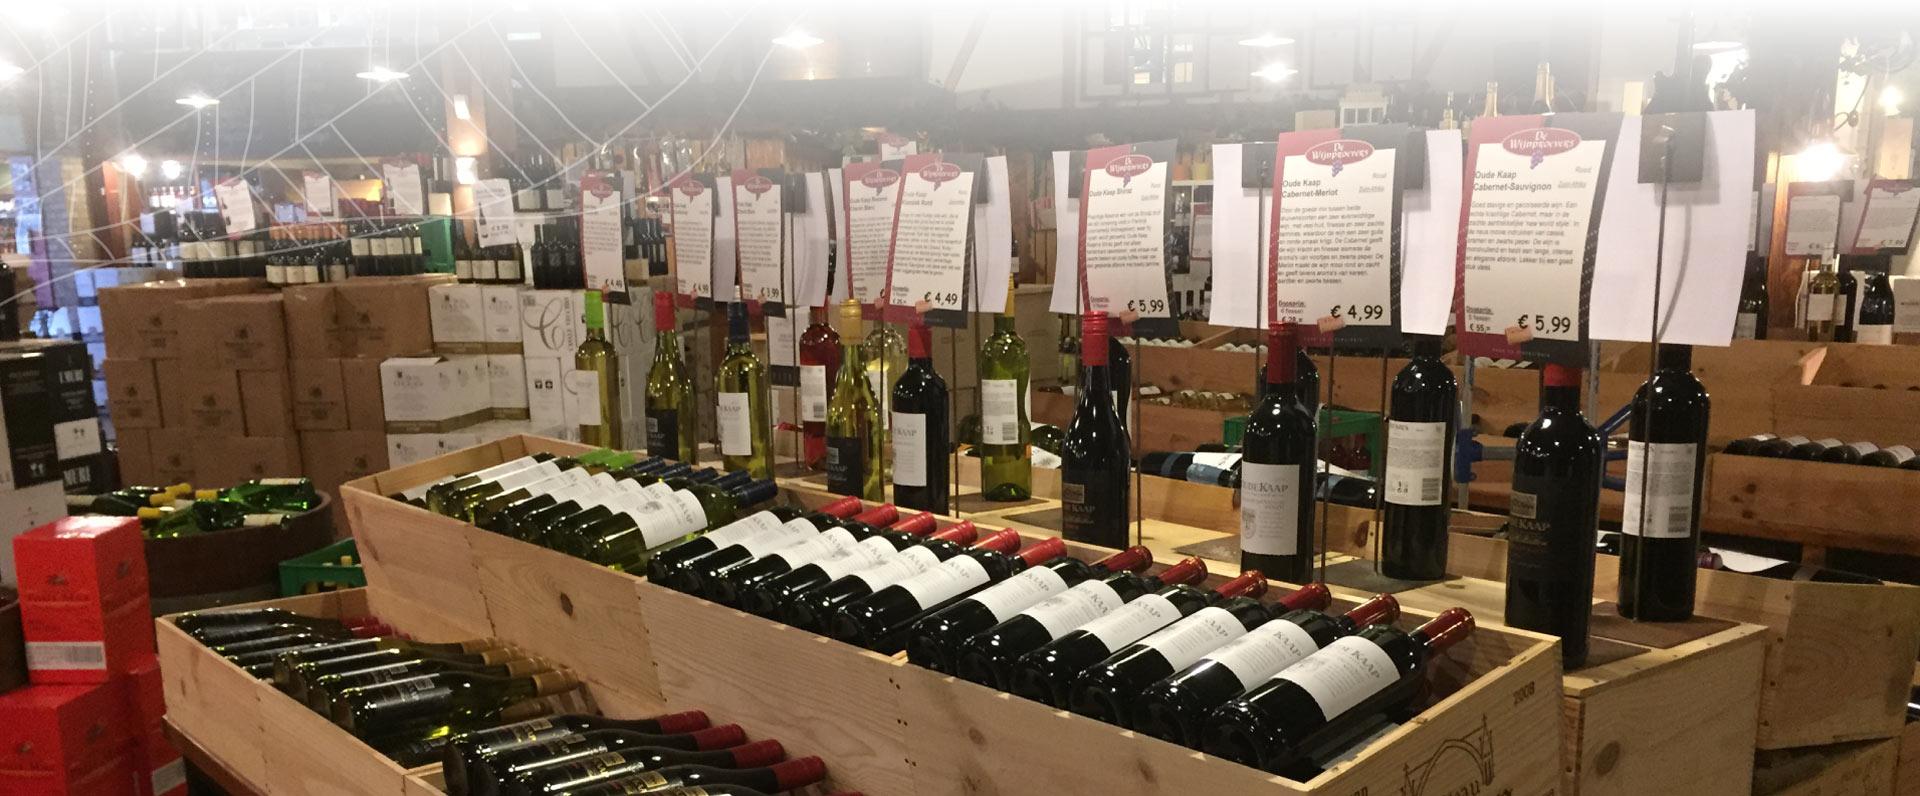 minnegoed-wijnhuizen-image